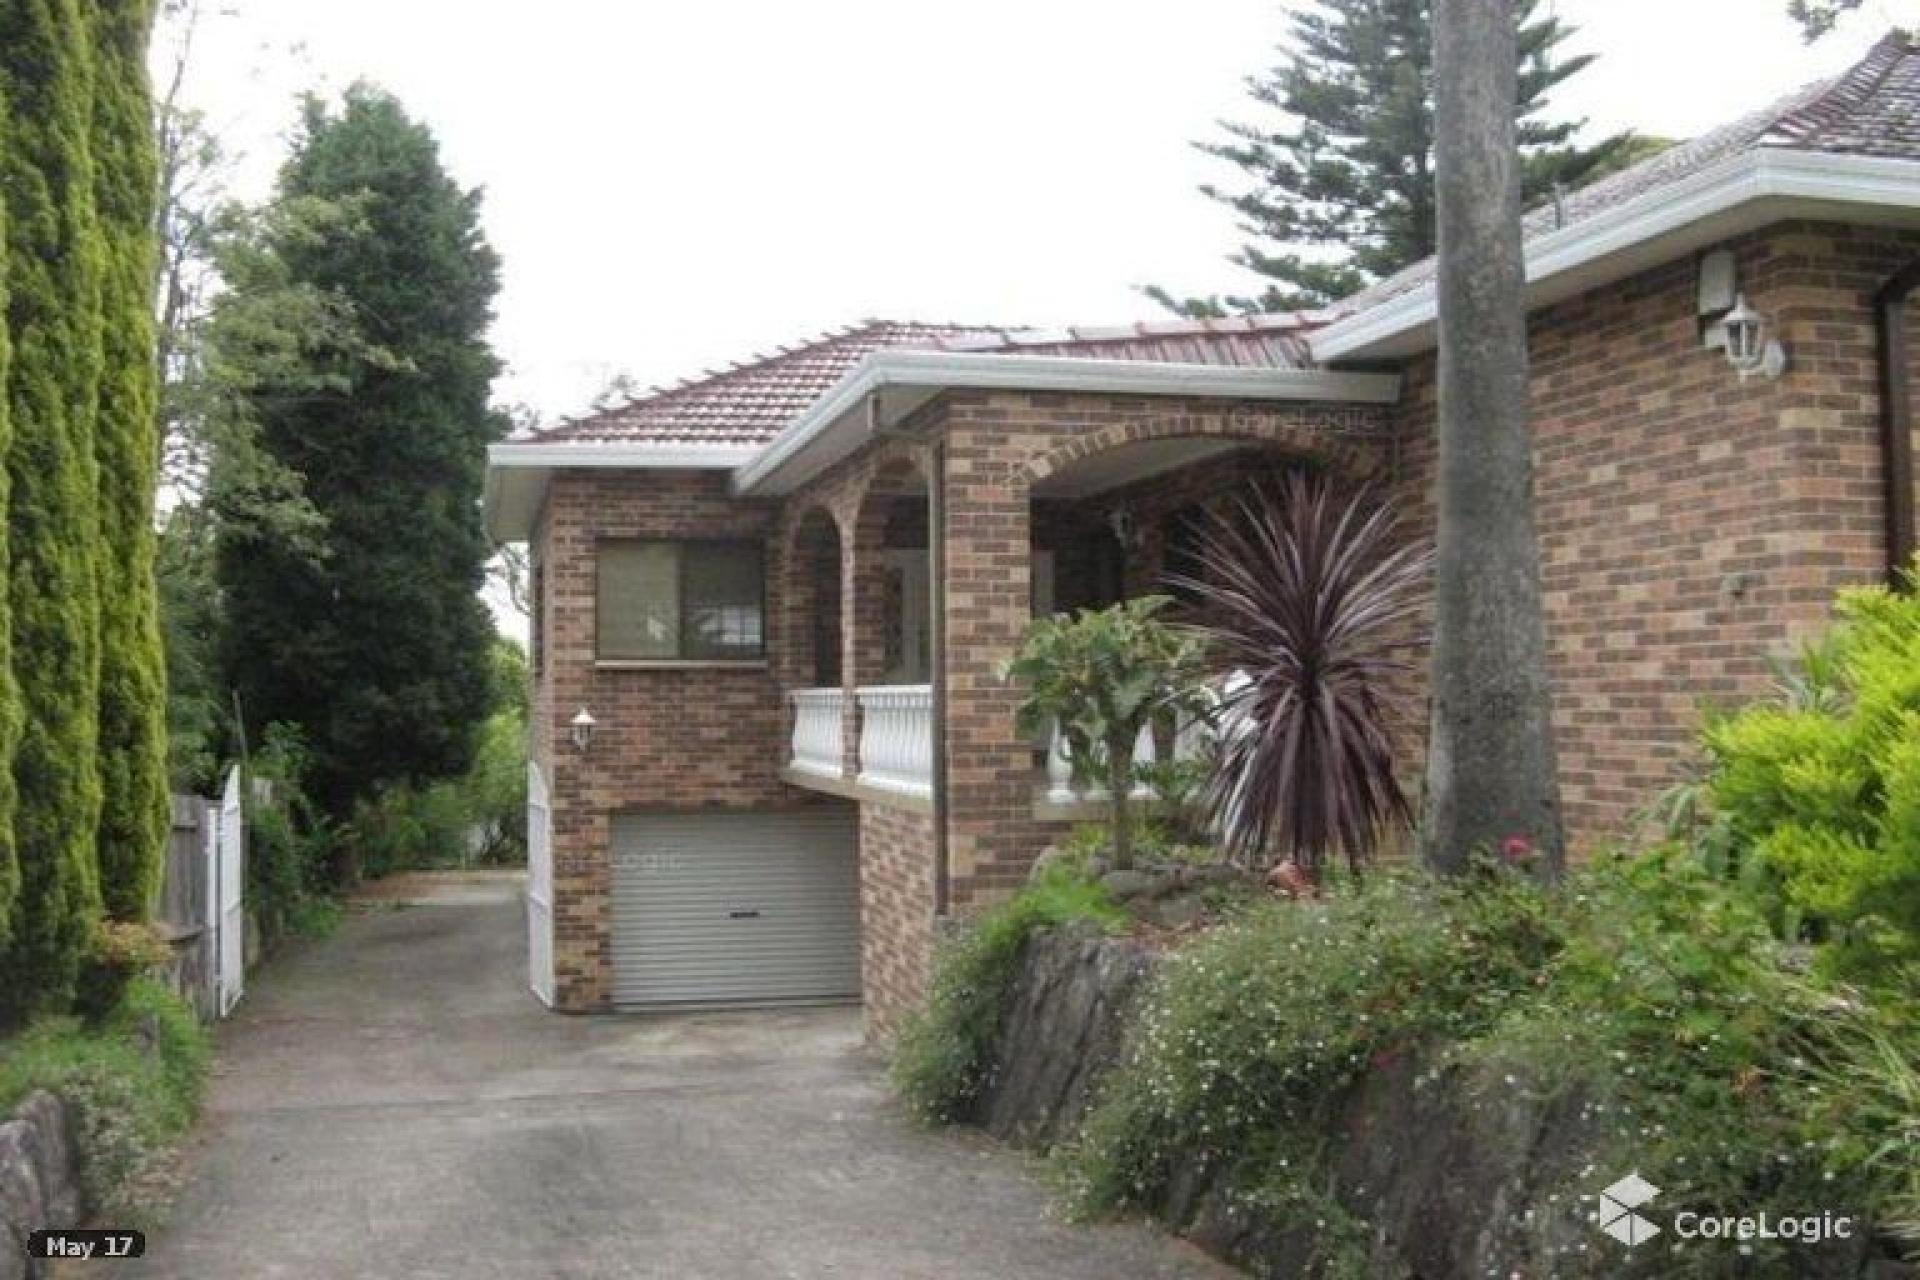 4 Rooms, House, Leased, Windermere Avenue, 2 Bathrooms, Listing ID 1438, Northmead , NSW, Australia, 2152,